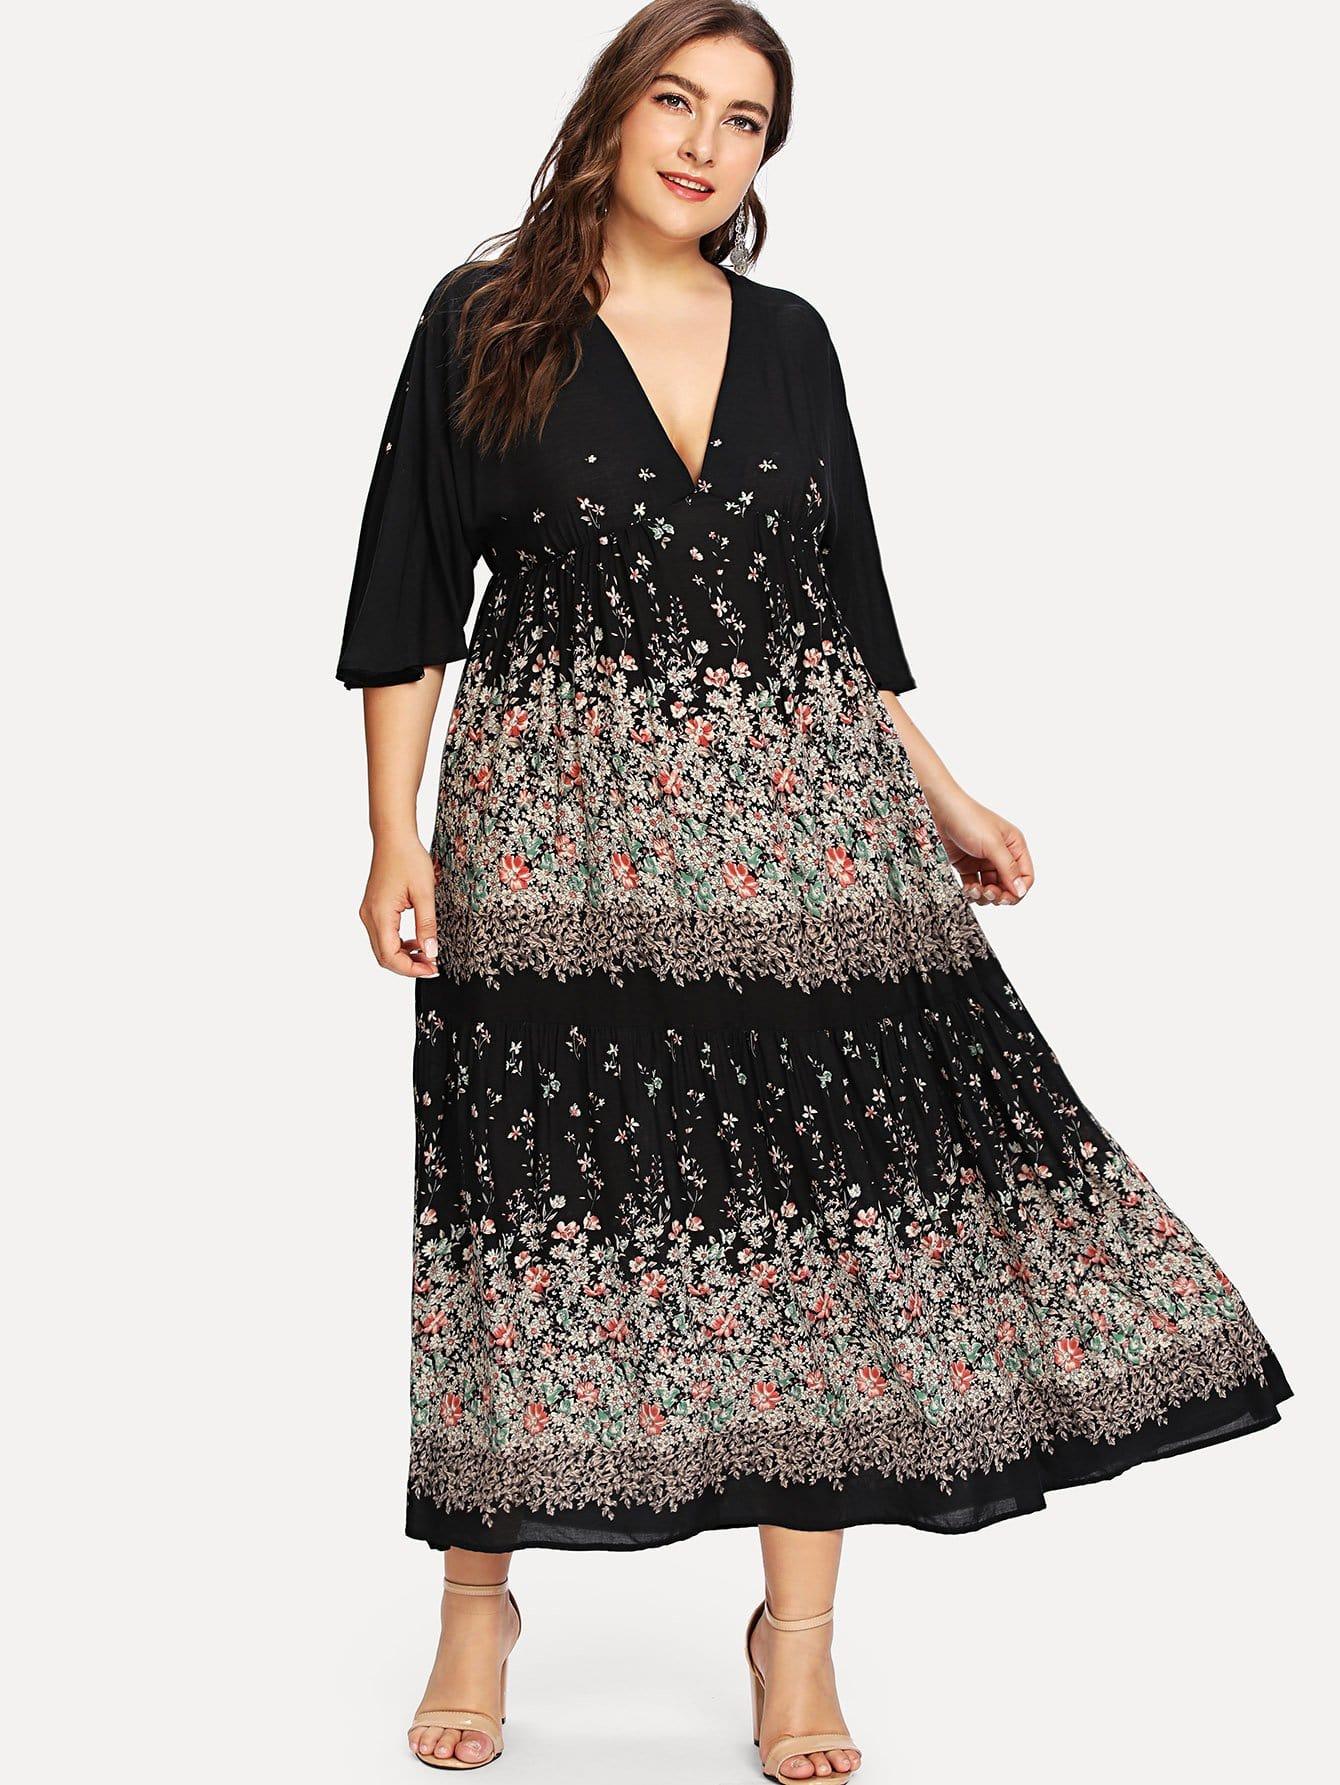 Купить Платье в цветочек и с широкими рукавами, Franziska, SheIn